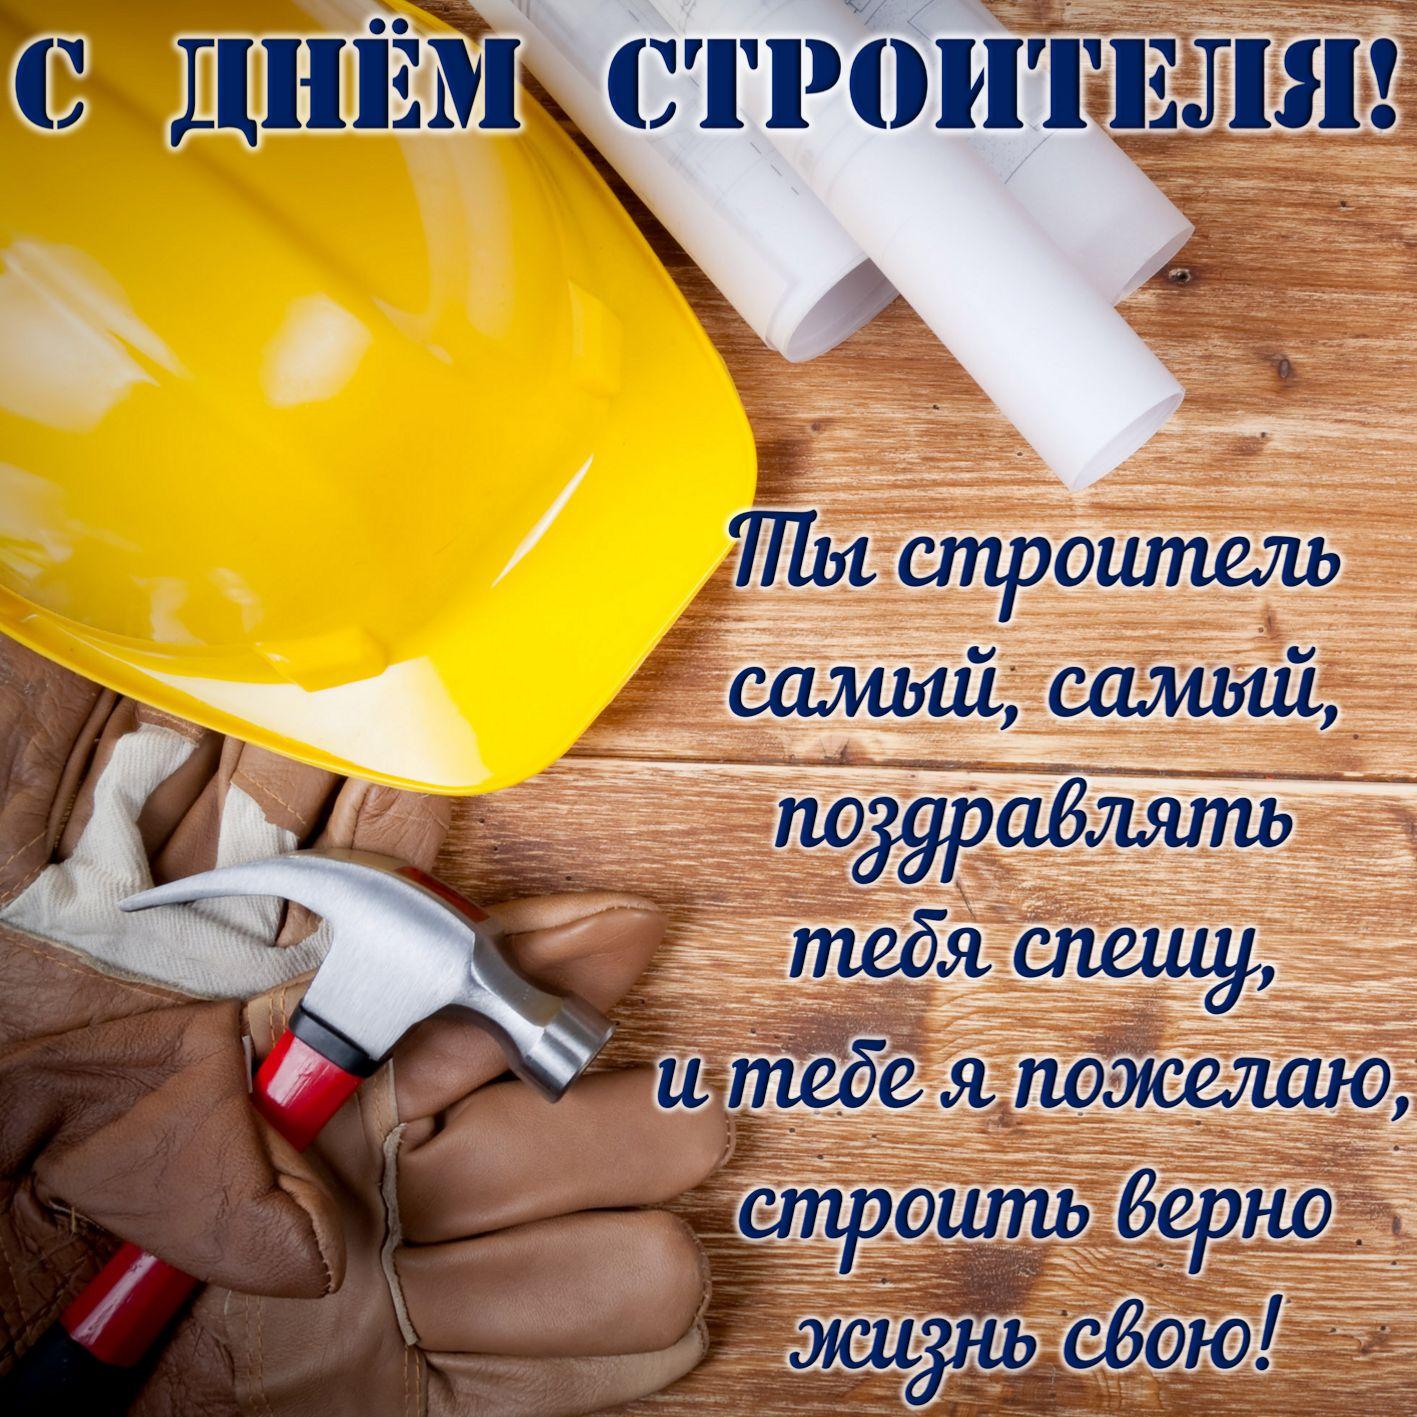 Красивое пожелание к Дню строителя